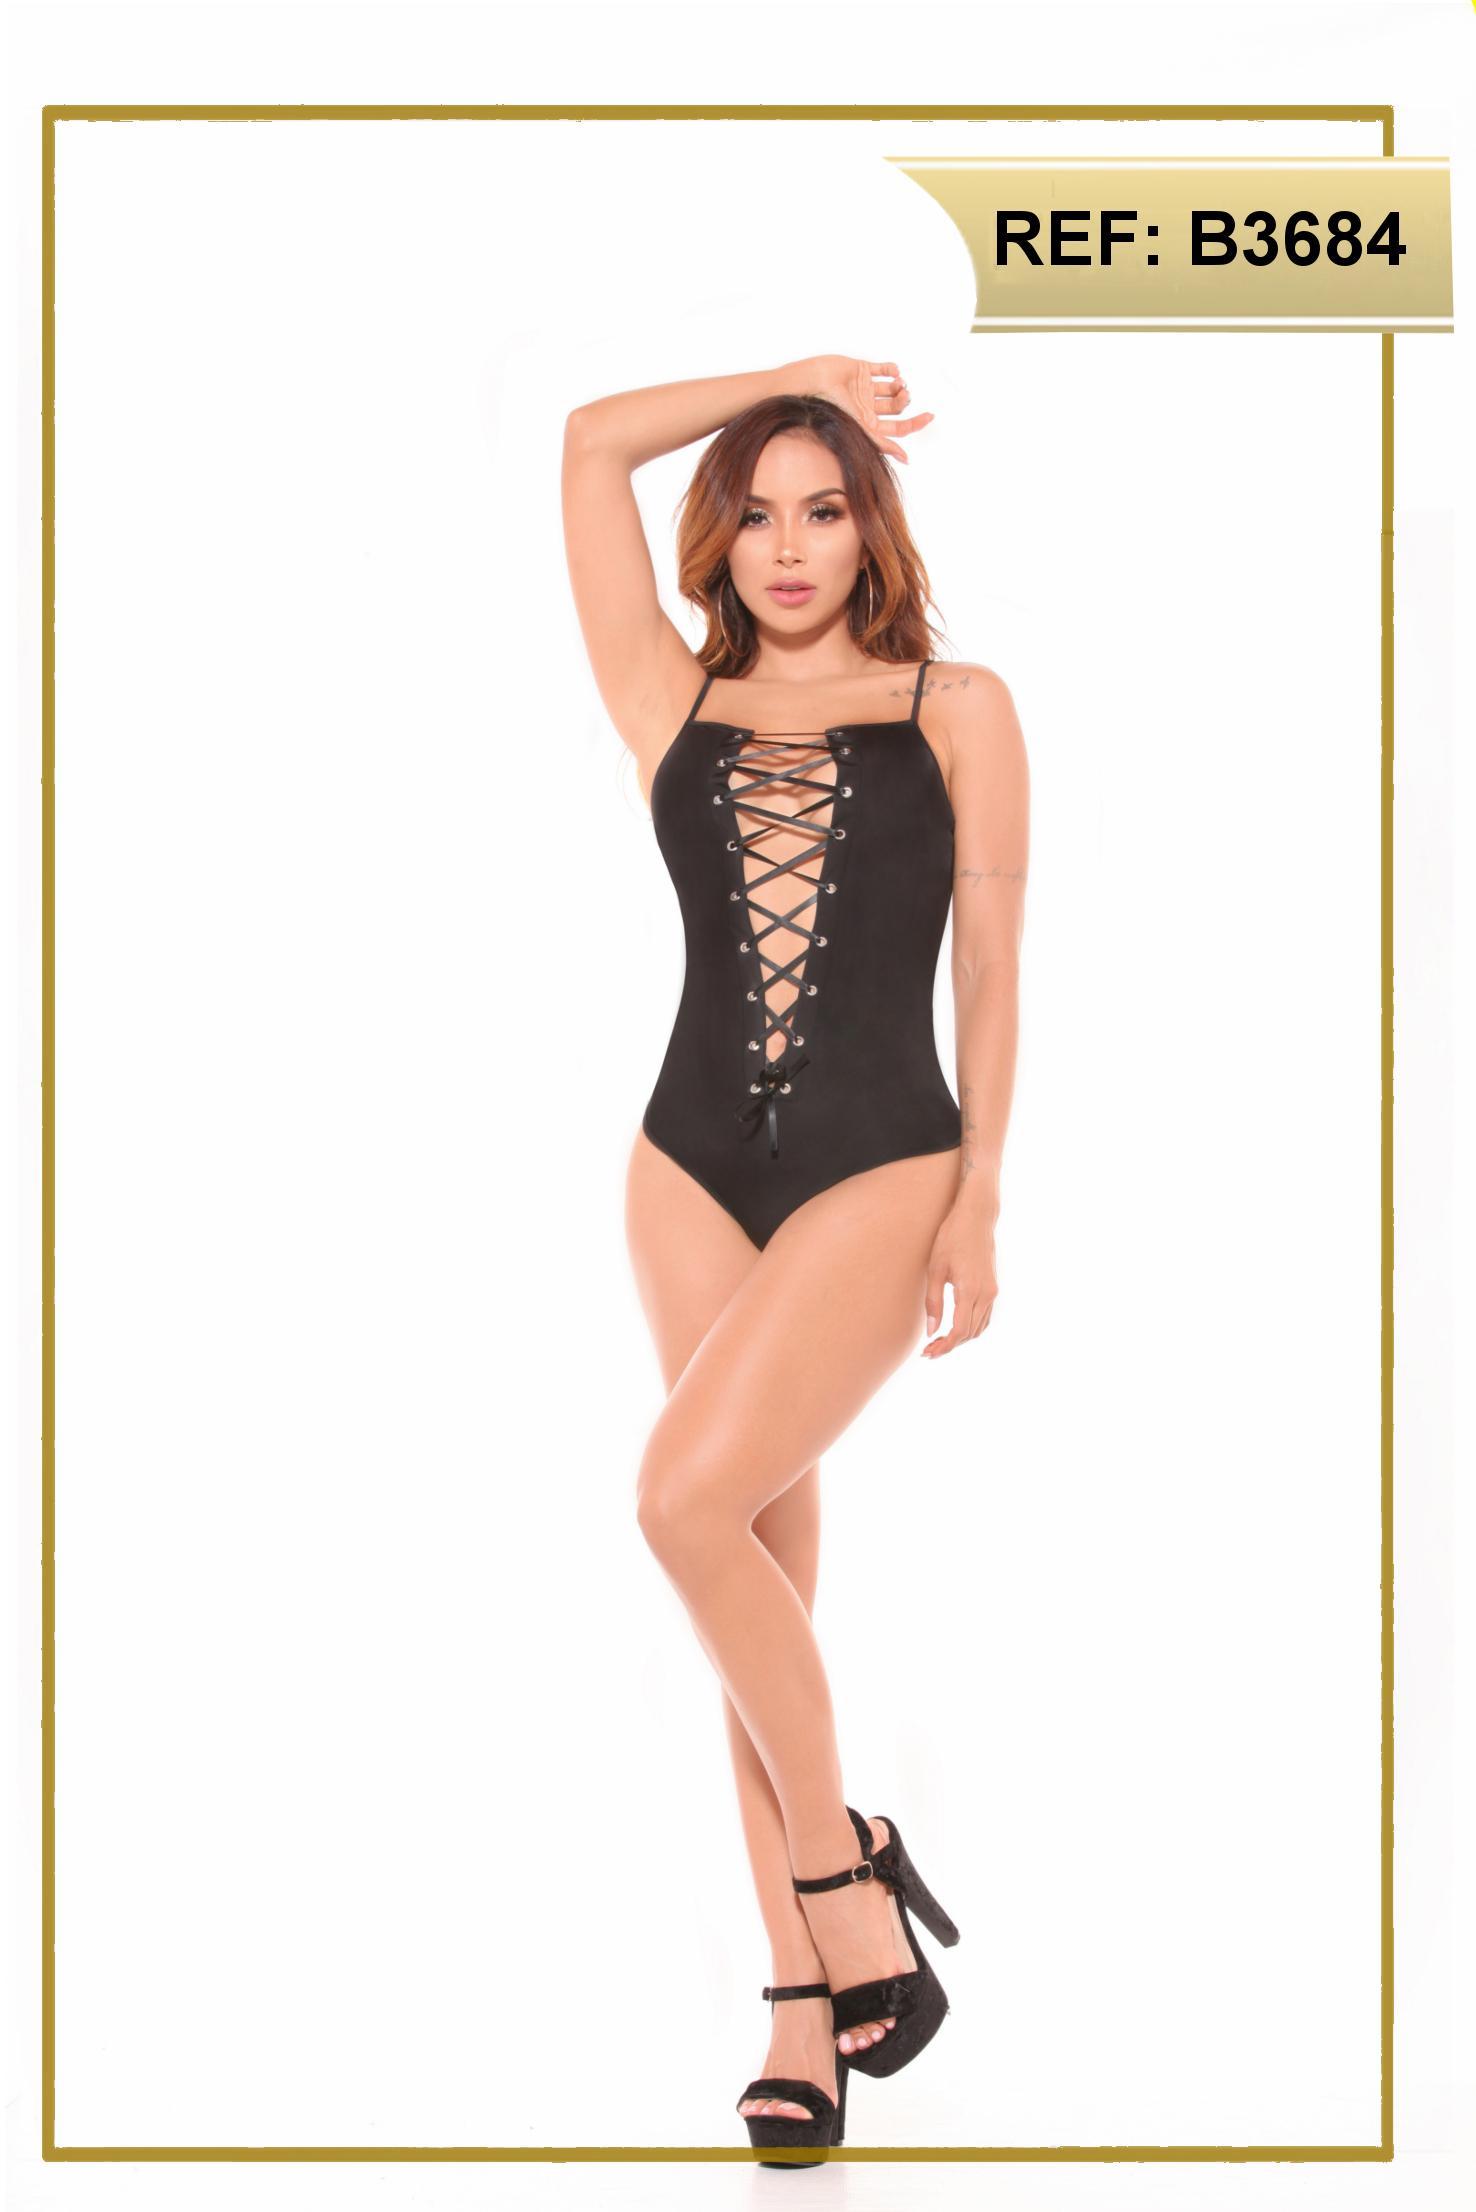 Body Súper Sexy Elaborado en Colombia, con sensacionales telas, encajes, detalles y acabados.